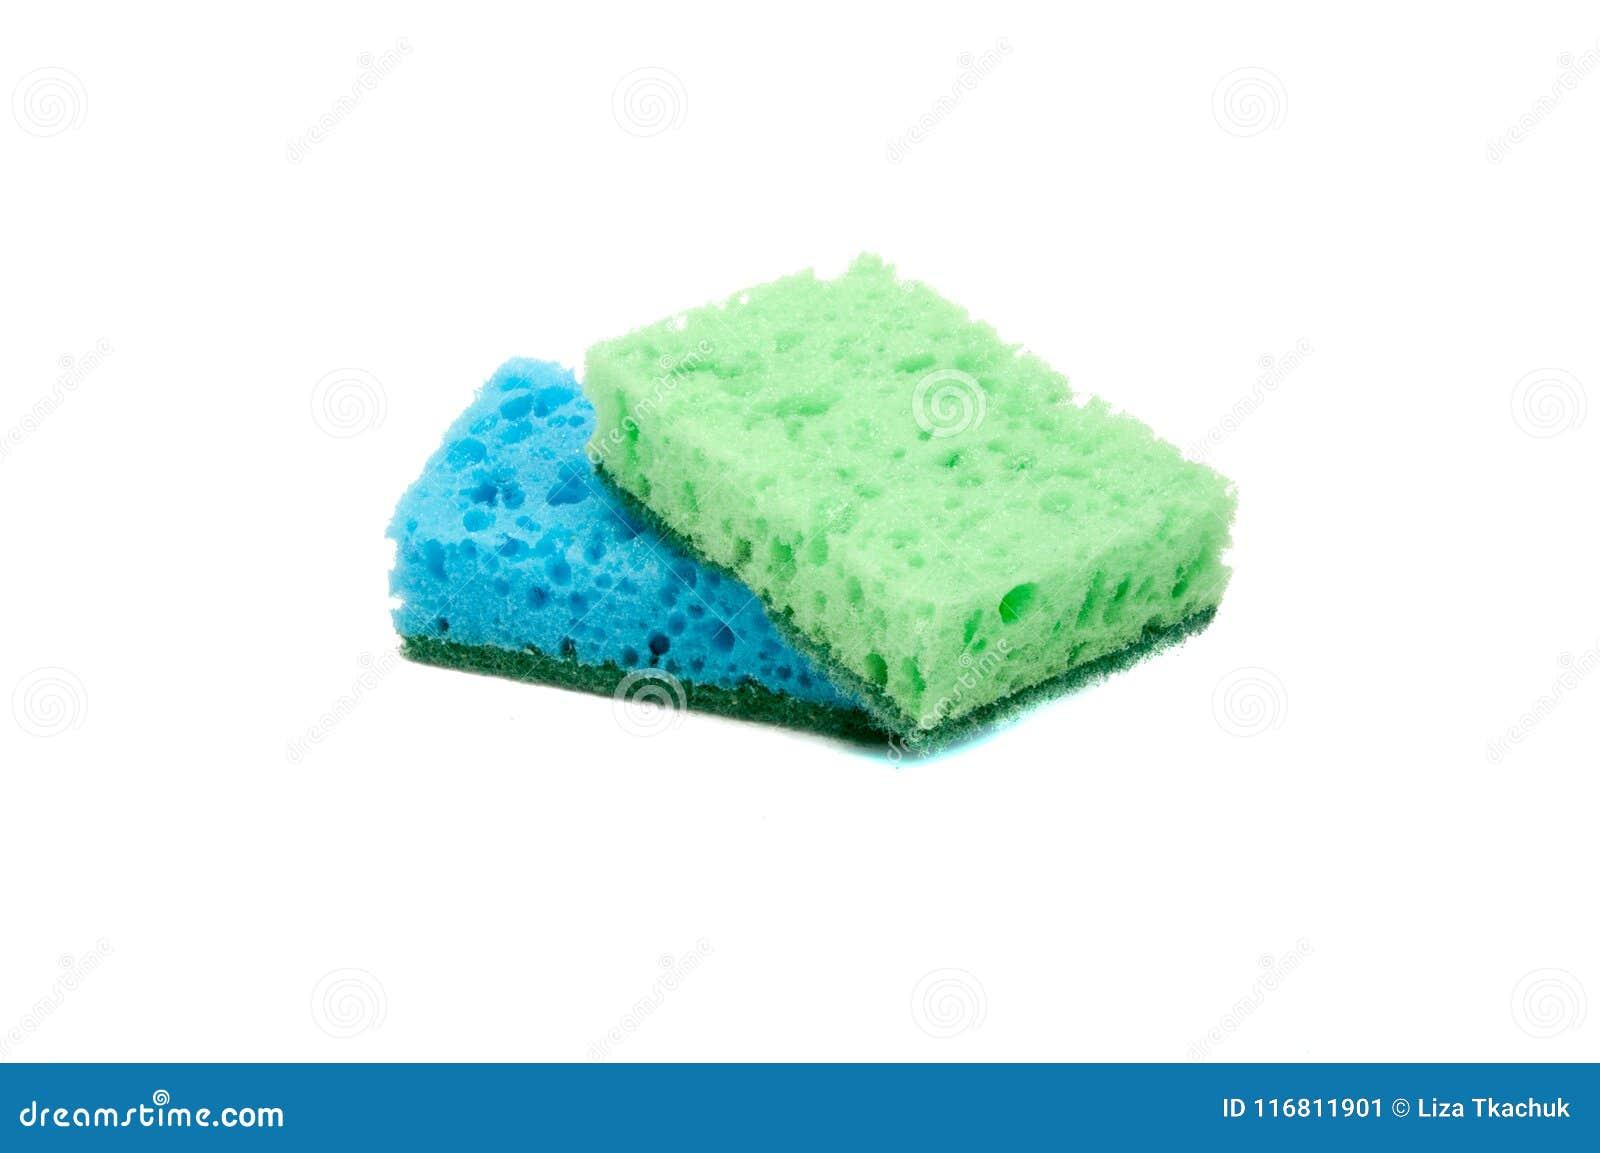 Kitchen Sponge For Dish Isolated Stock Image - Image of sponge ...